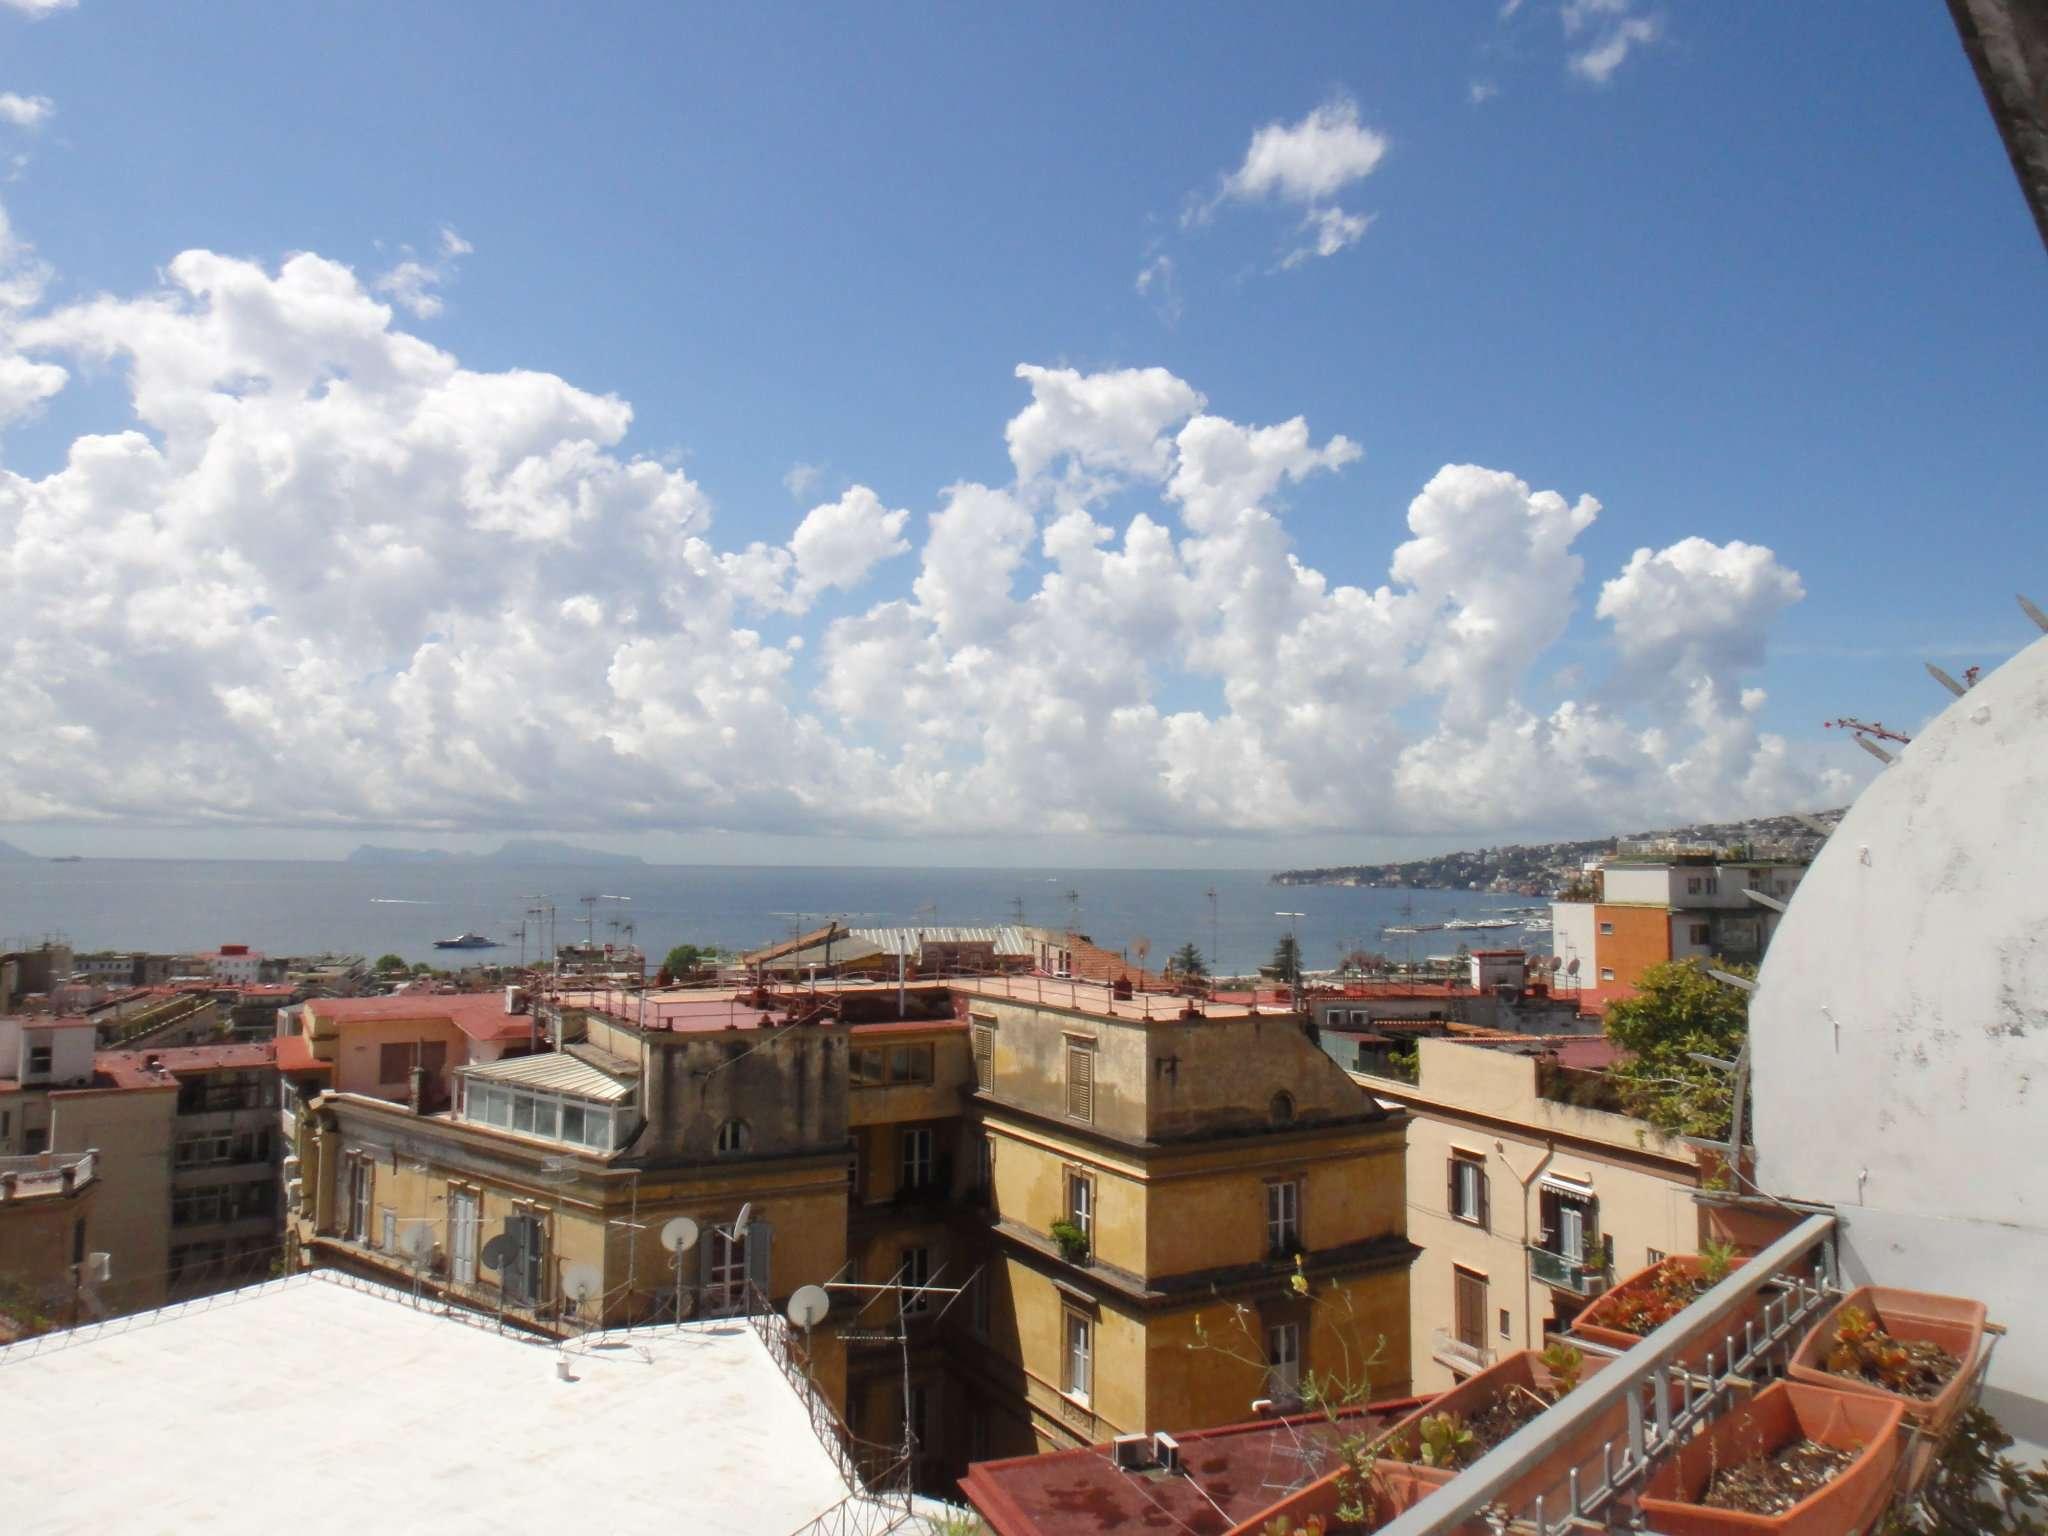 Appartamento in vendita a Napoli, 1 locali, zona Zona: 1 . Chiaia, Posillipo, San Ferdinando, prezzo € 290.000   CambioCasa.it